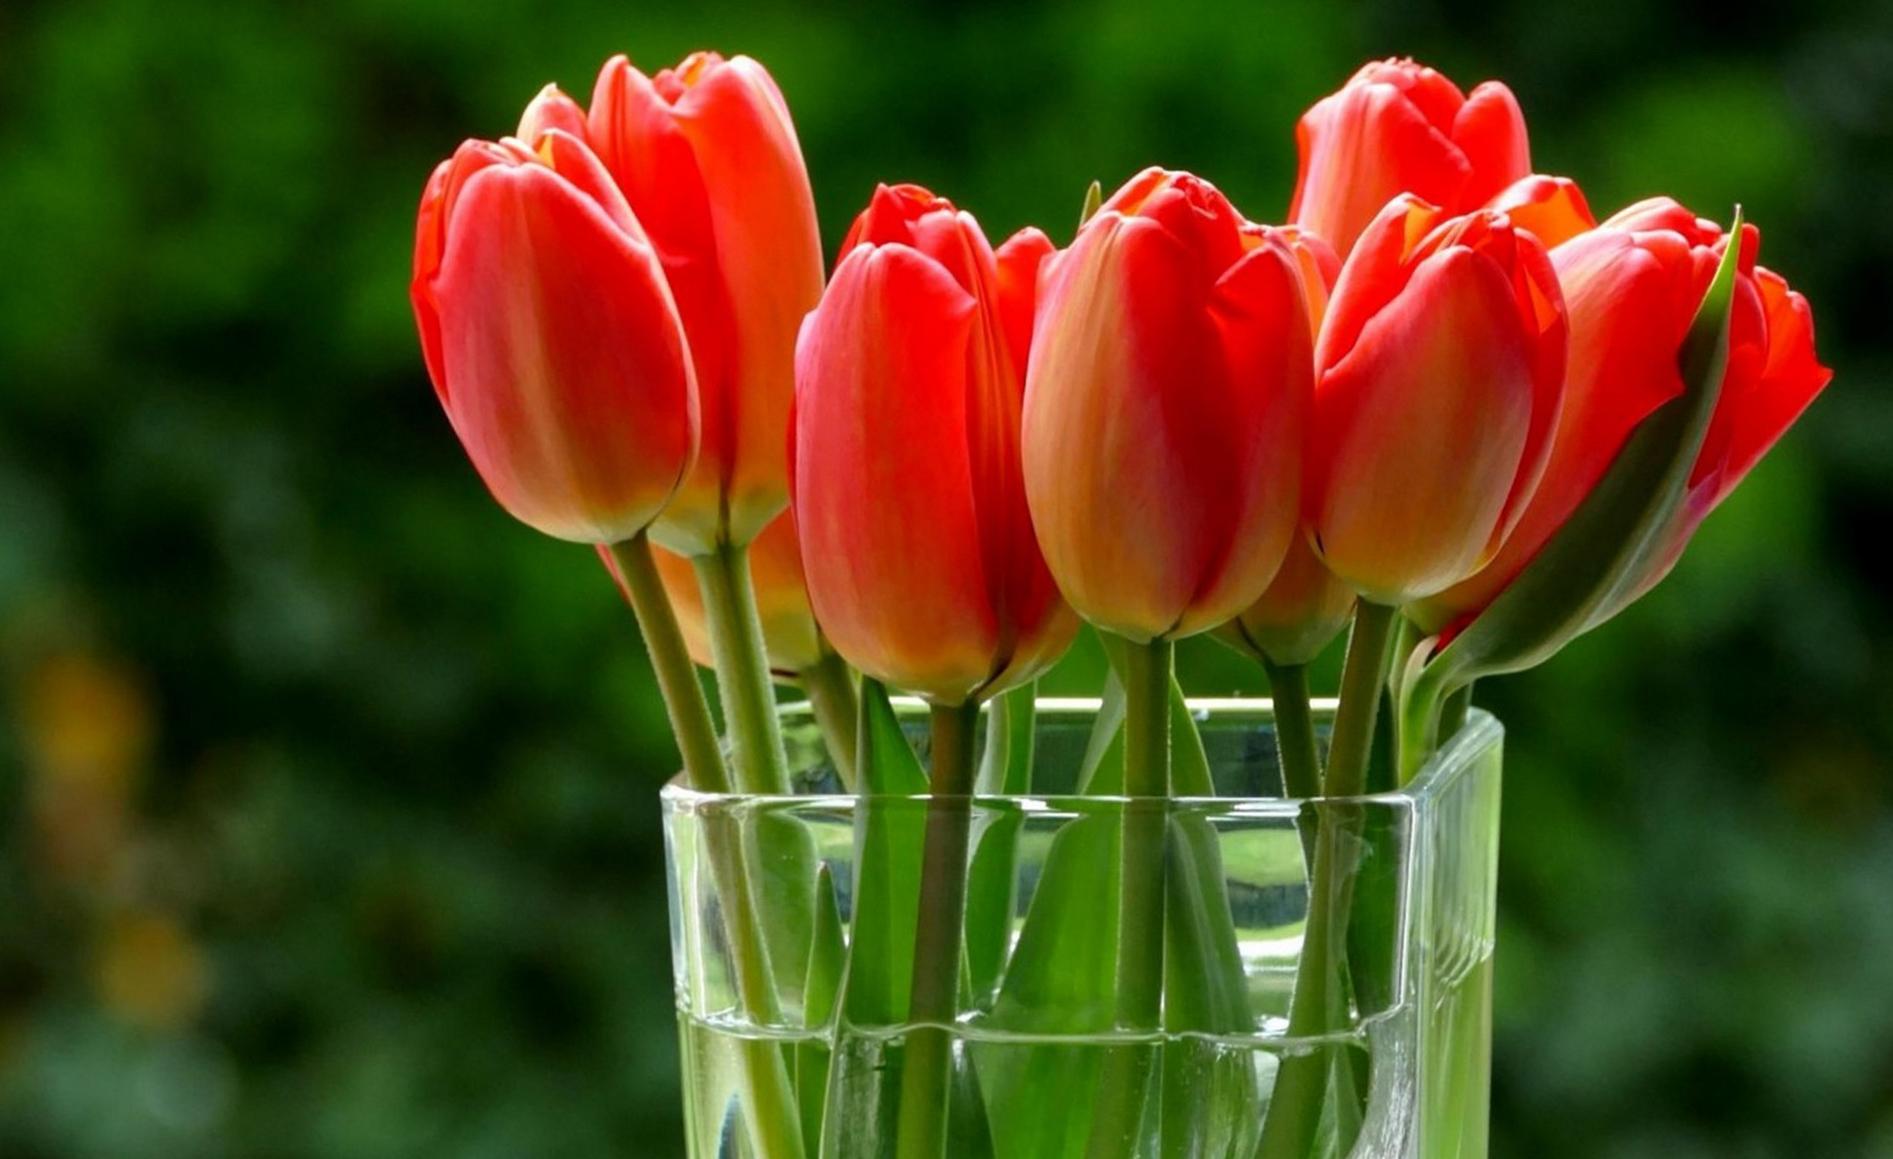 tulip-photo-164